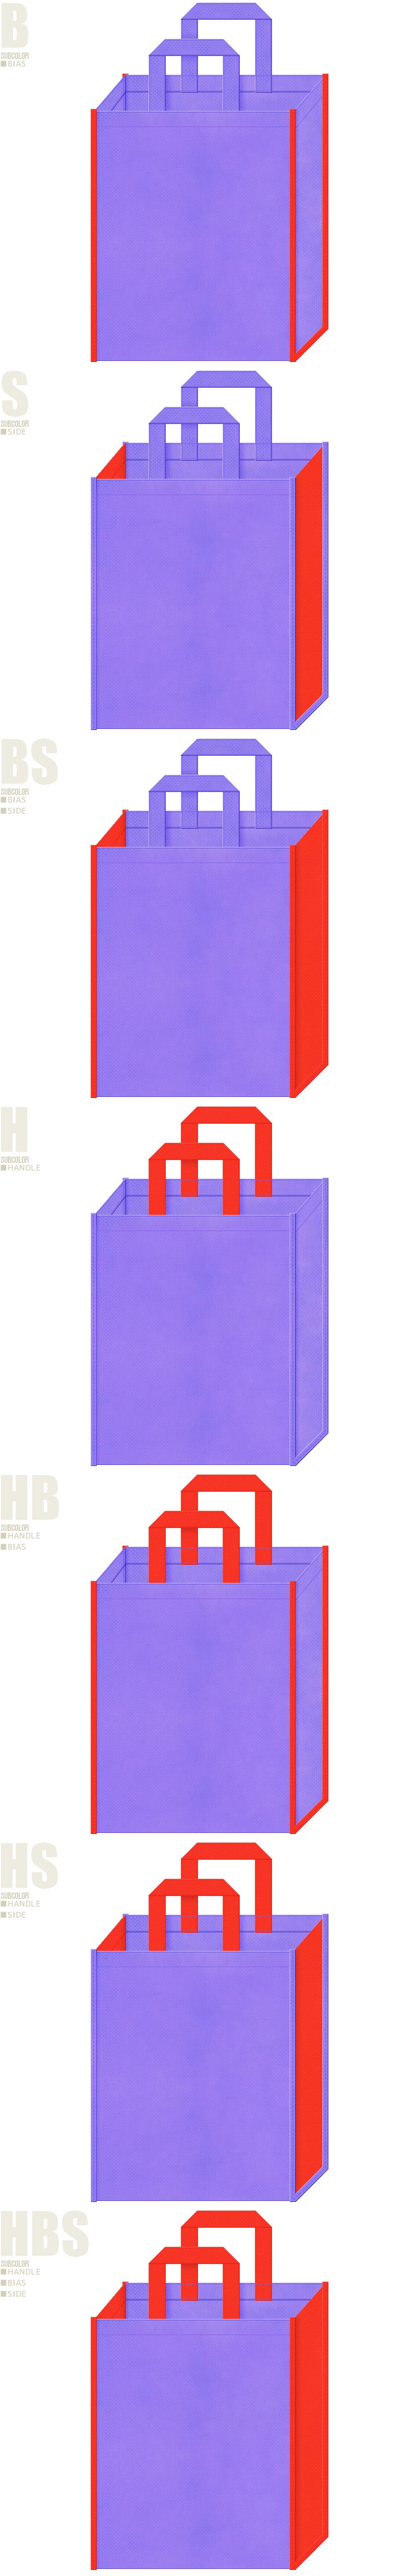 明るめの紫色とオレンジ色、7パターンの不織布トートバッグ配色デザイン例。